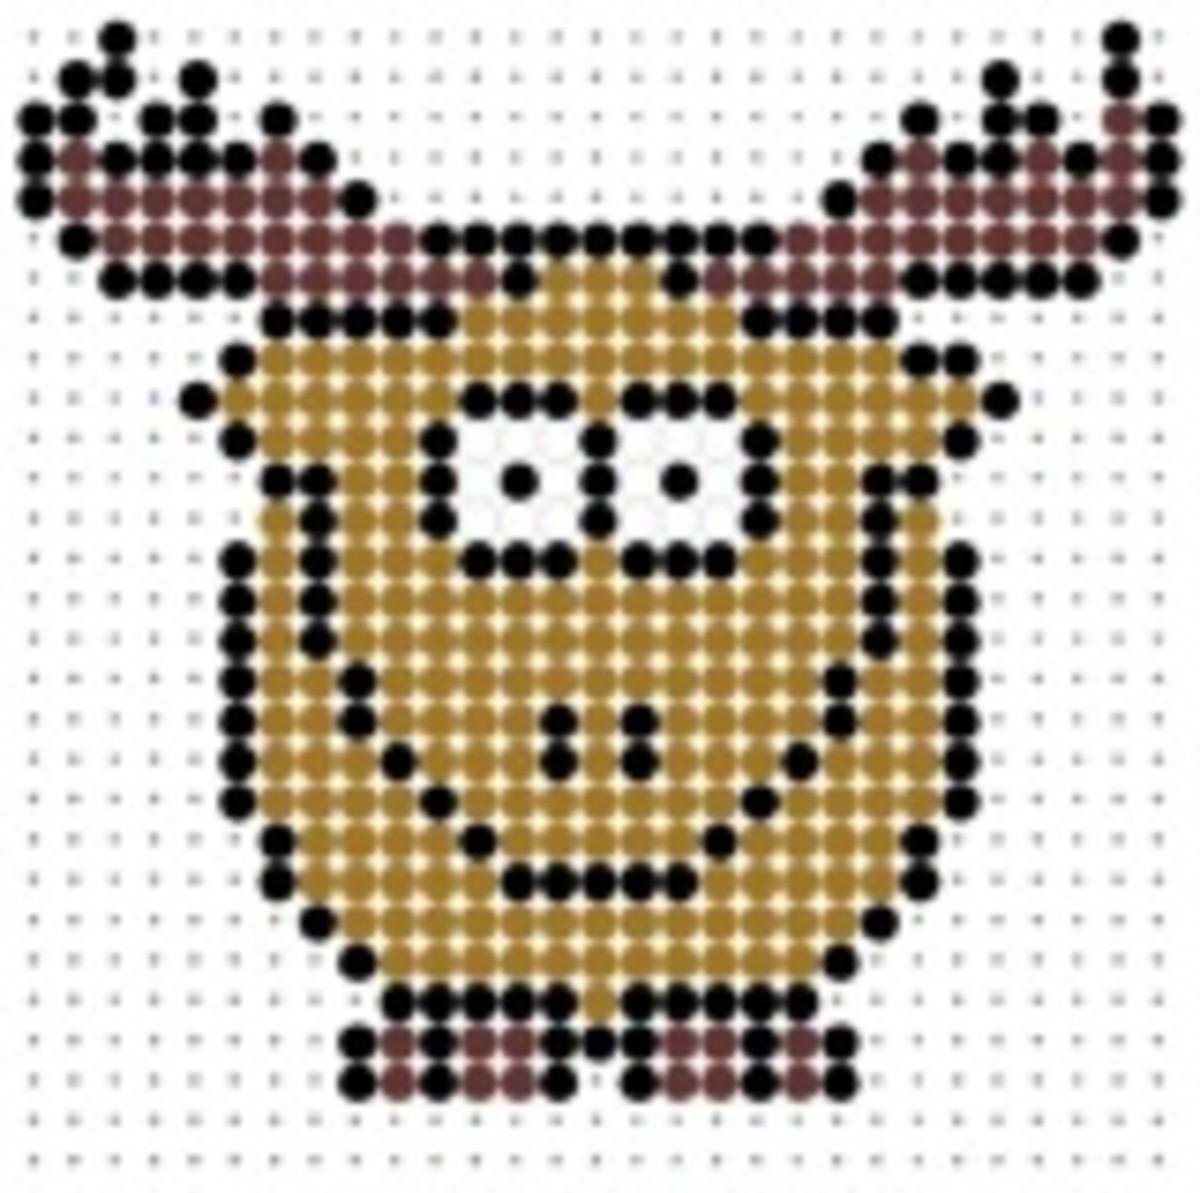 elk / reindeer perler bead pattern